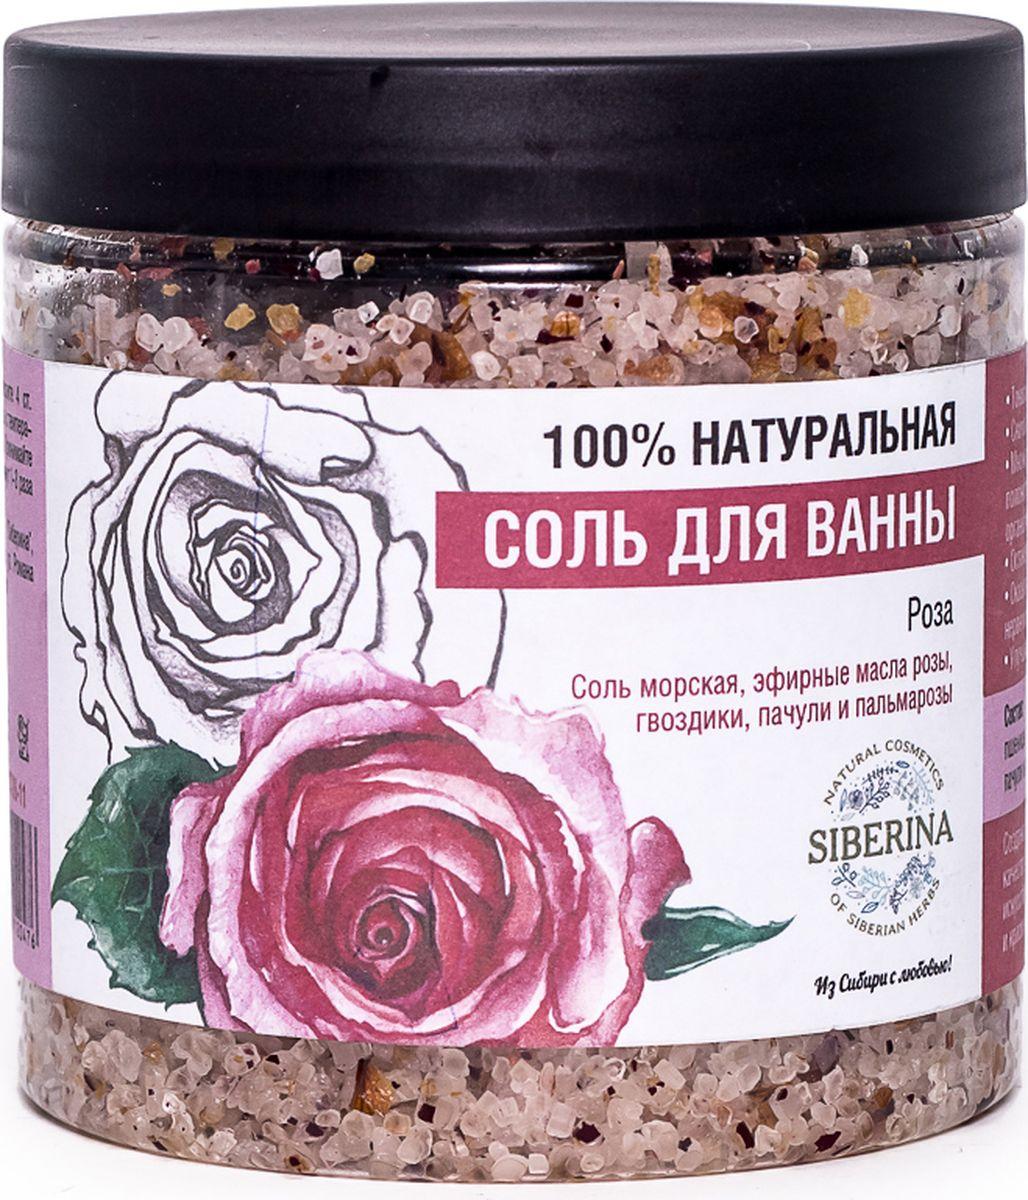 Siberina Соль для ванны Роза, 600 гSOL(3)-SIBНатуральная соль для ванн нормализует обменные процессы и кровоснабжение, ускоряет эпидермальную регенерацию и повышает сопротивляемость к стрессу. Активные ингредиенты восстанавливают и надёжно защищают от негативных воздействий окружающей среды.